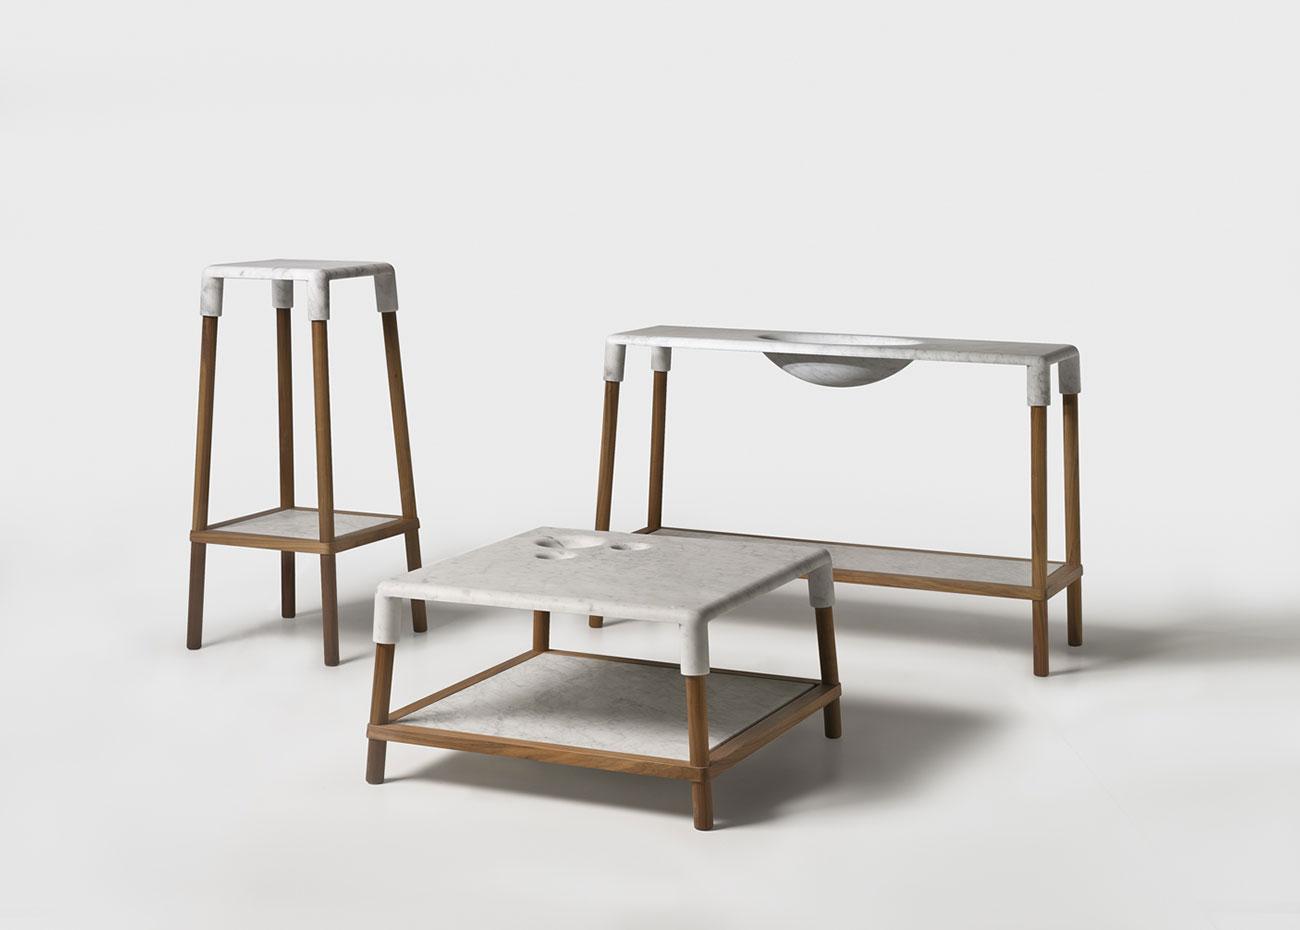 oslo-stefano-gritti-sofia-rollo-mgm-la-marmoteca-design-collection